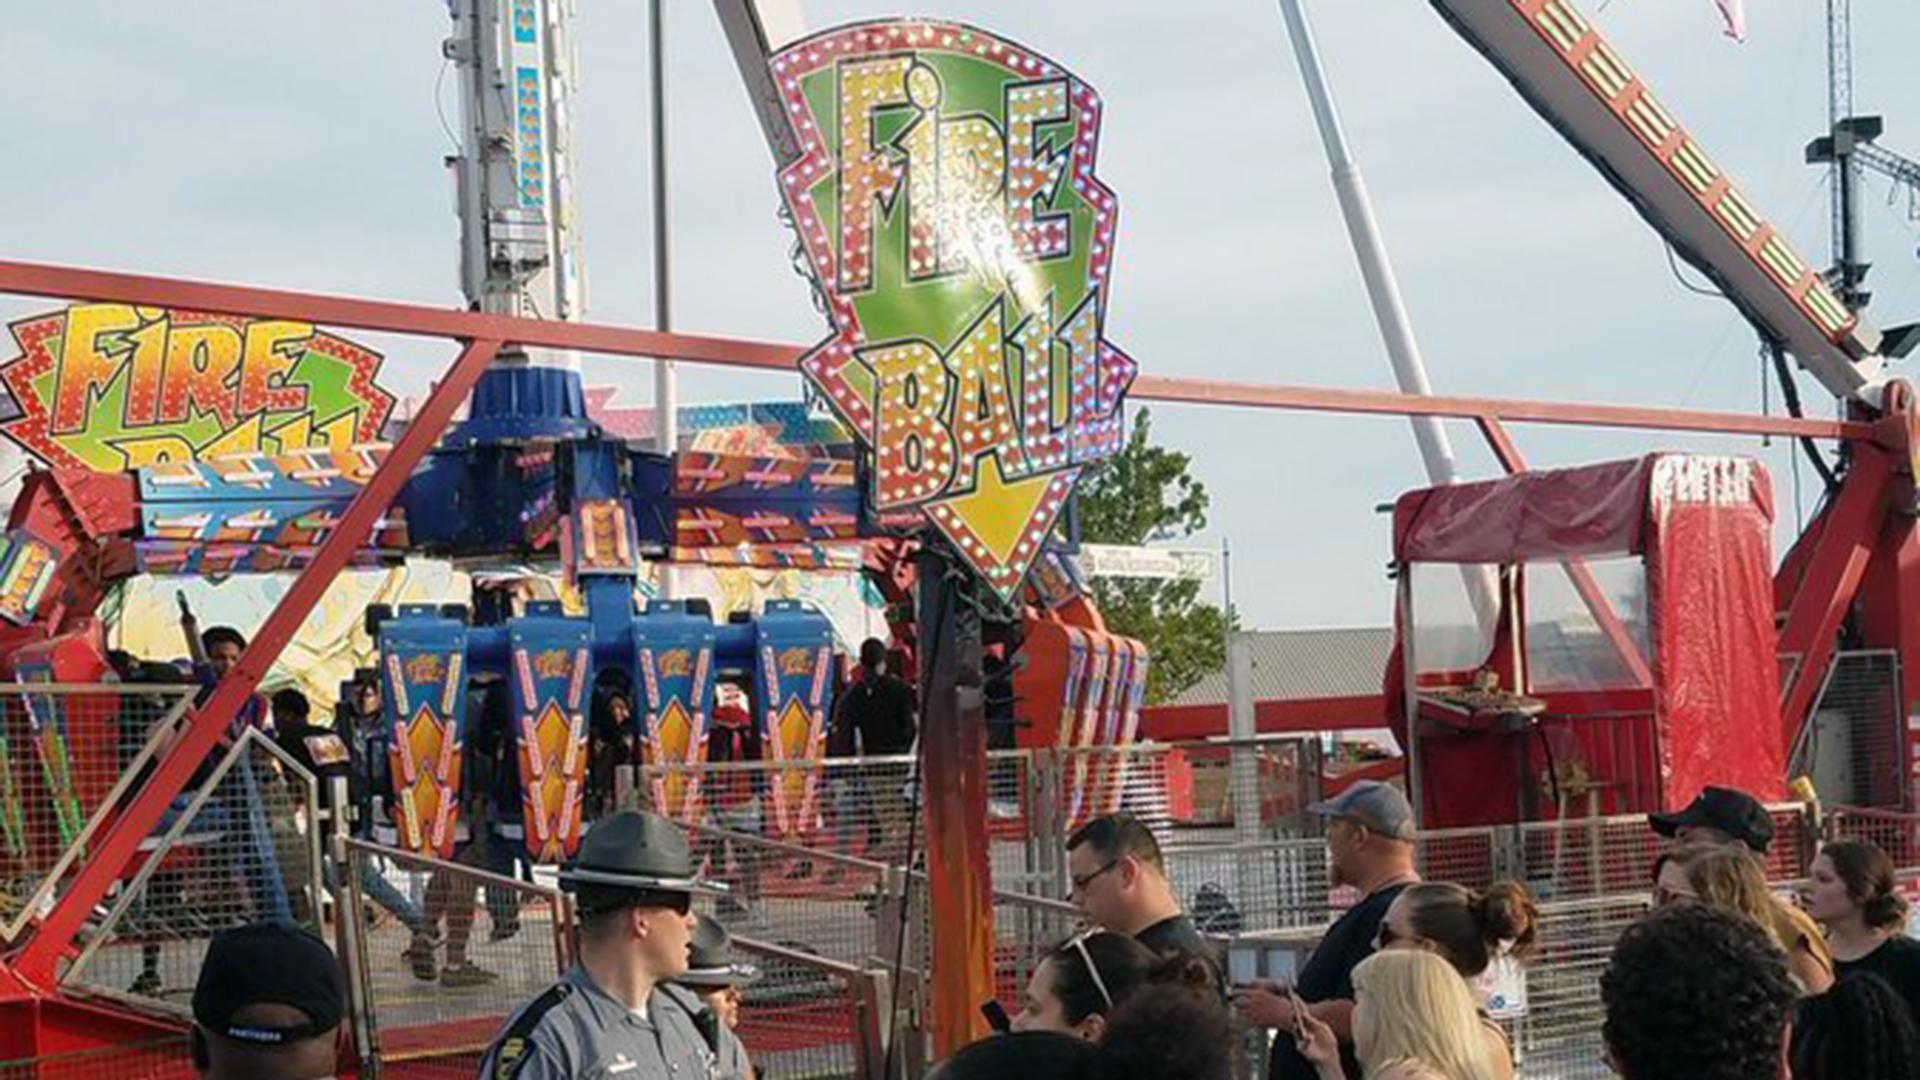 Fire Ball ride at Ohio State Fair-159532.jpg64645317